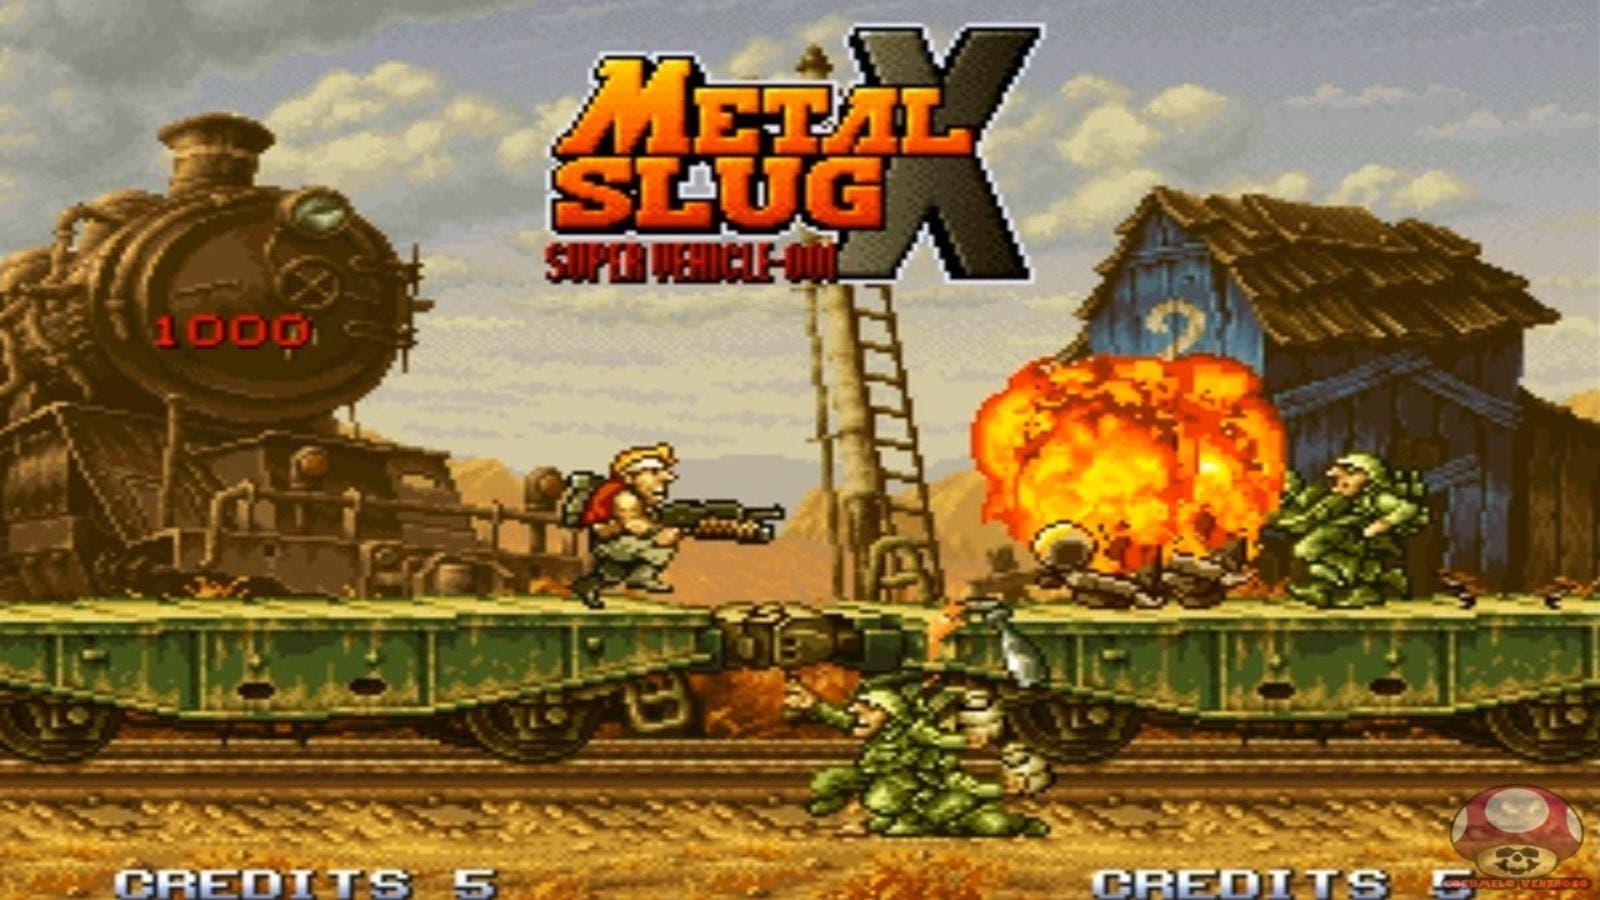 La Eshop De Nintendo Switch Recibirá Metal Slug X